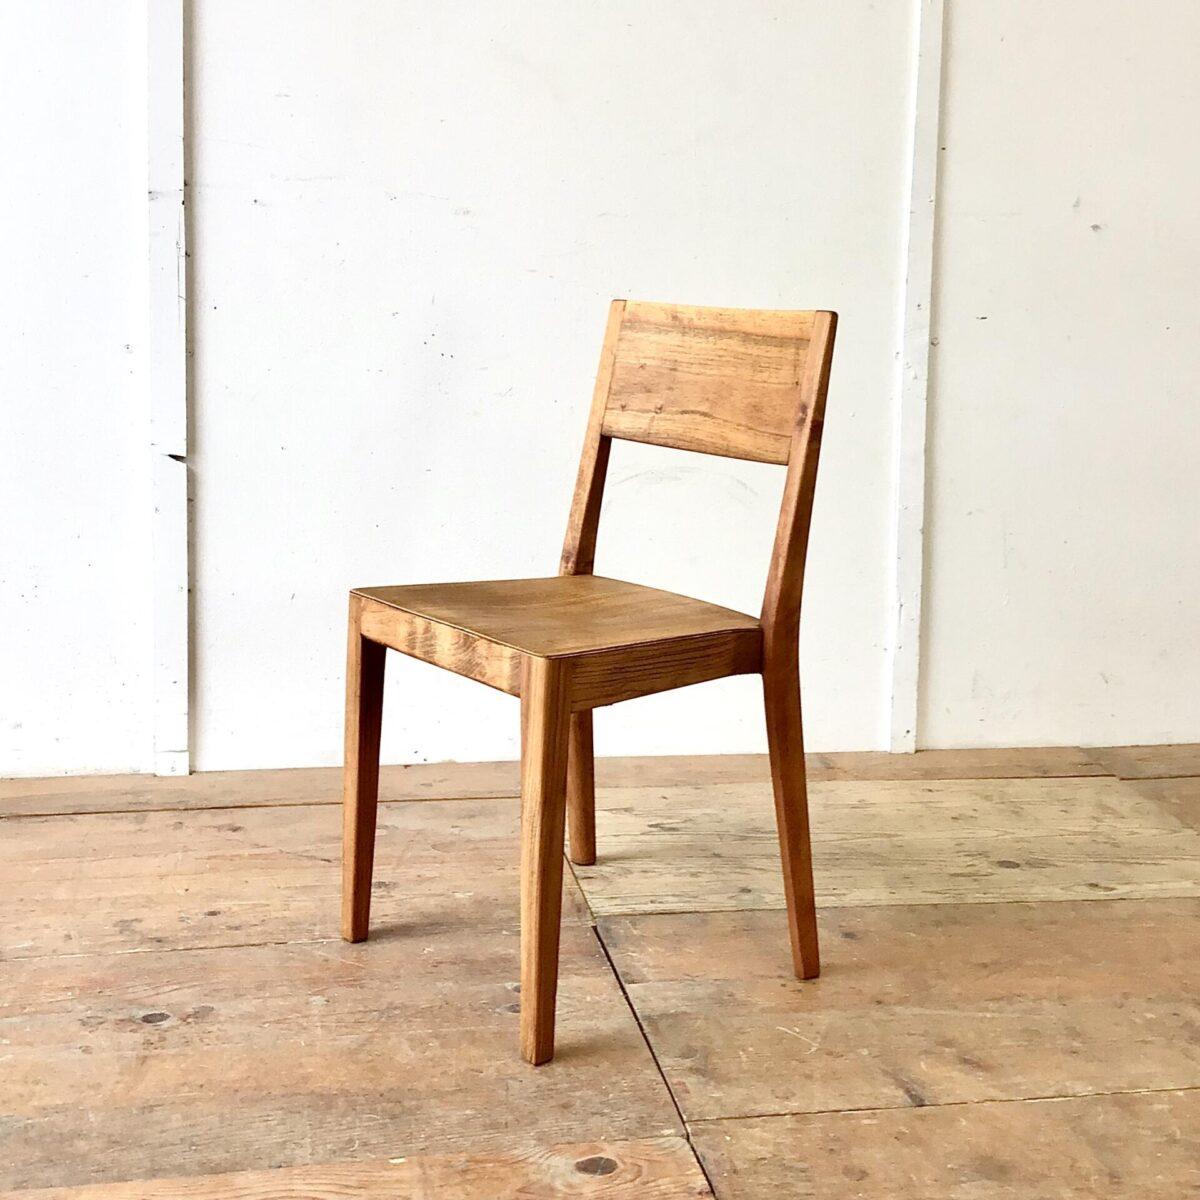 Deuxieme.shop Beizenstühle Einzelner Stapelstuhl 687 S von horgenglarus. Dieser Werkentwurf Aus den 50er Jahren, war wohl die Vorlage für den leicht abgeänderten Miro Stuhl von Hannes Wettstein. Der Stuhl ist komplett geschliffen und Natur geölt. Die schöne Alterspatina ist Original und dem Alter zuzuschreiben. Lehne und Hinterbeine sind aus Nussbaum, Sitzfläche und Vorderbeine tippe ich auf Ulmenholz.